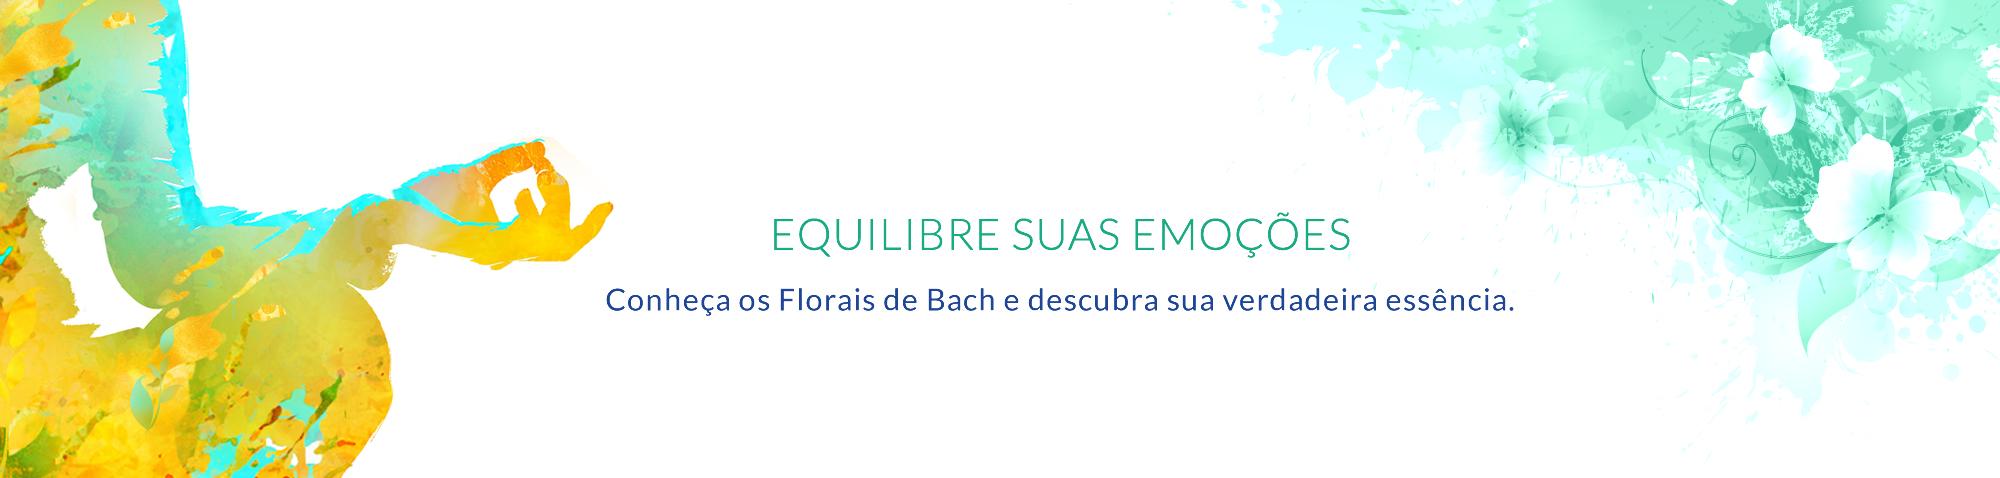 Conheça os Florais de Bach